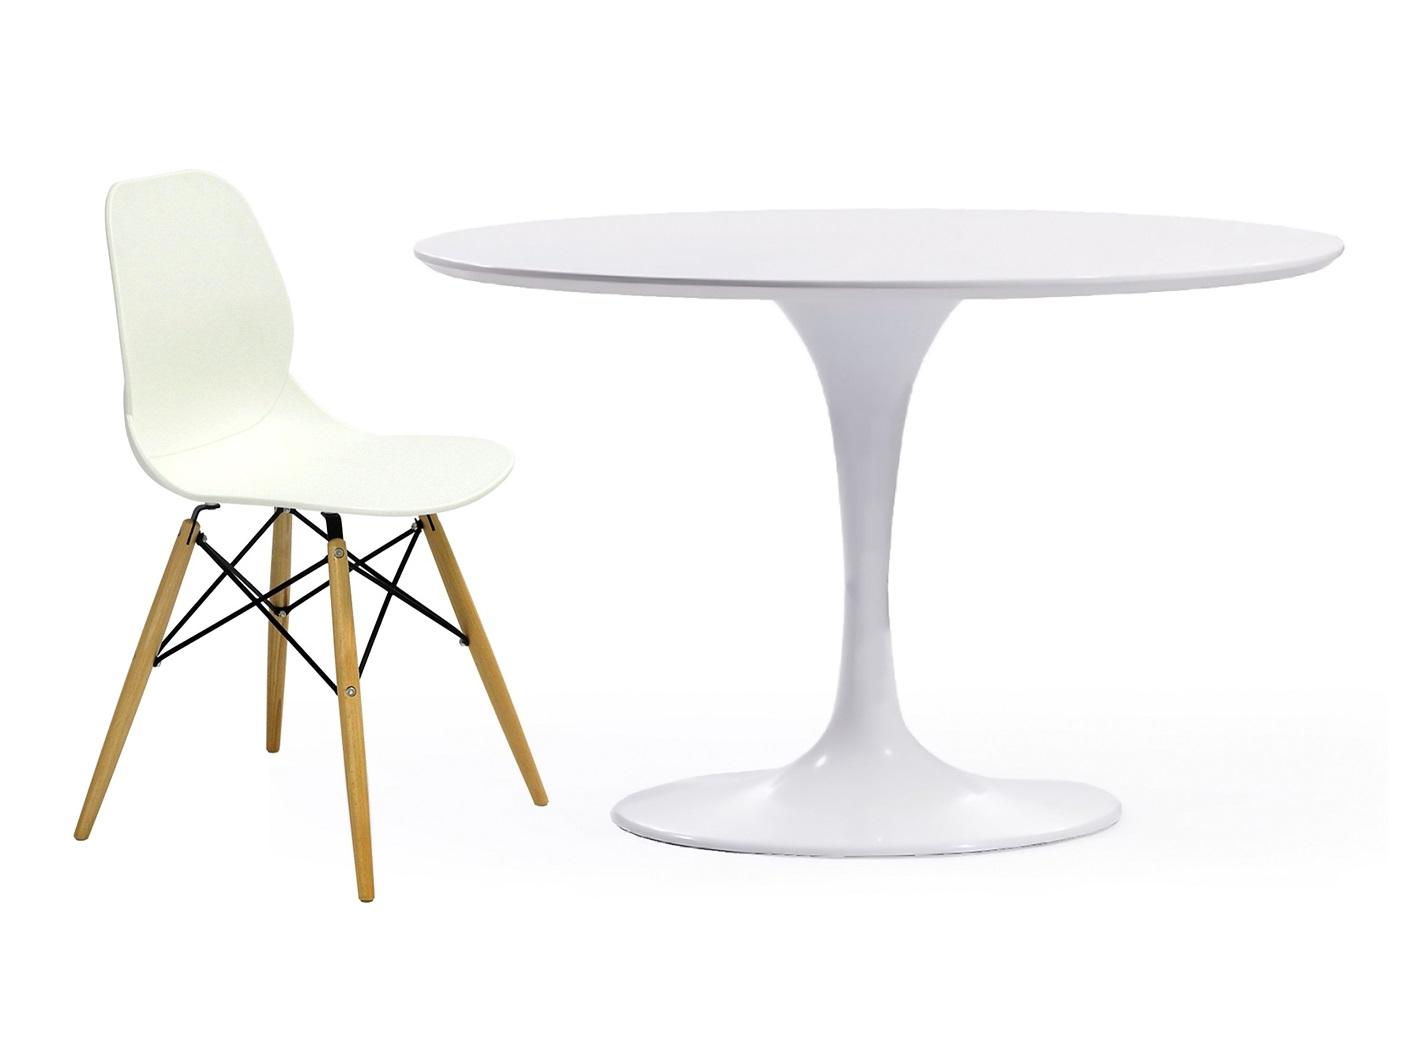 Обеденная группа Apriori T (стол + 4 стула)Комплекты для столовой<br>&amp;lt;div&amp;gt;&amp;lt;div&amp;gt;Обеденный круглый стол с лаконичным основанием из акрилового камня.&amp;amp;nbsp;&amp;lt;/div&amp;gt;&amp;lt;/div&amp;gt;&amp;lt;div&amp;gt;Белый пластиковый стул на деревянных ножках.&amp;lt;br&amp;gt;&amp;lt;/div&amp;gt;&amp;lt;div&amp;gt;&amp;lt;br&amp;gt;&amp;lt;/div&amp;gt;&amp;lt;div&amp;gt;&amp;lt;div&amp;gt;Размеры стола: 77/105&amp;lt;/div&amp;gt;&amp;lt;div&amp;gt;Материал стола:&amp;amp;nbsp;&amp;lt;span style=&amp;quot;font-size: 14px;&amp;quot;&amp;gt;&amp;amp;nbsp;&amp;lt;/span&amp;gt;&amp;lt;span style=&amp;quot;font-size: 14px;&amp;quot;&amp;gt;акриловый камень.&amp;lt;/span&amp;gt;&amp;lt;/div&amp;gt;&amp;lt;div&amp;gt;Размеры стула: 45/49/82&amp;lt;/div&amp;gt;&amp;lt;div&amp;gt;Материал стула: пластик&amp;lt;/div&amp;gt;&amp;lt;/div&amp;gt;<br><br>Material: Дерево<br>Высота см: 77